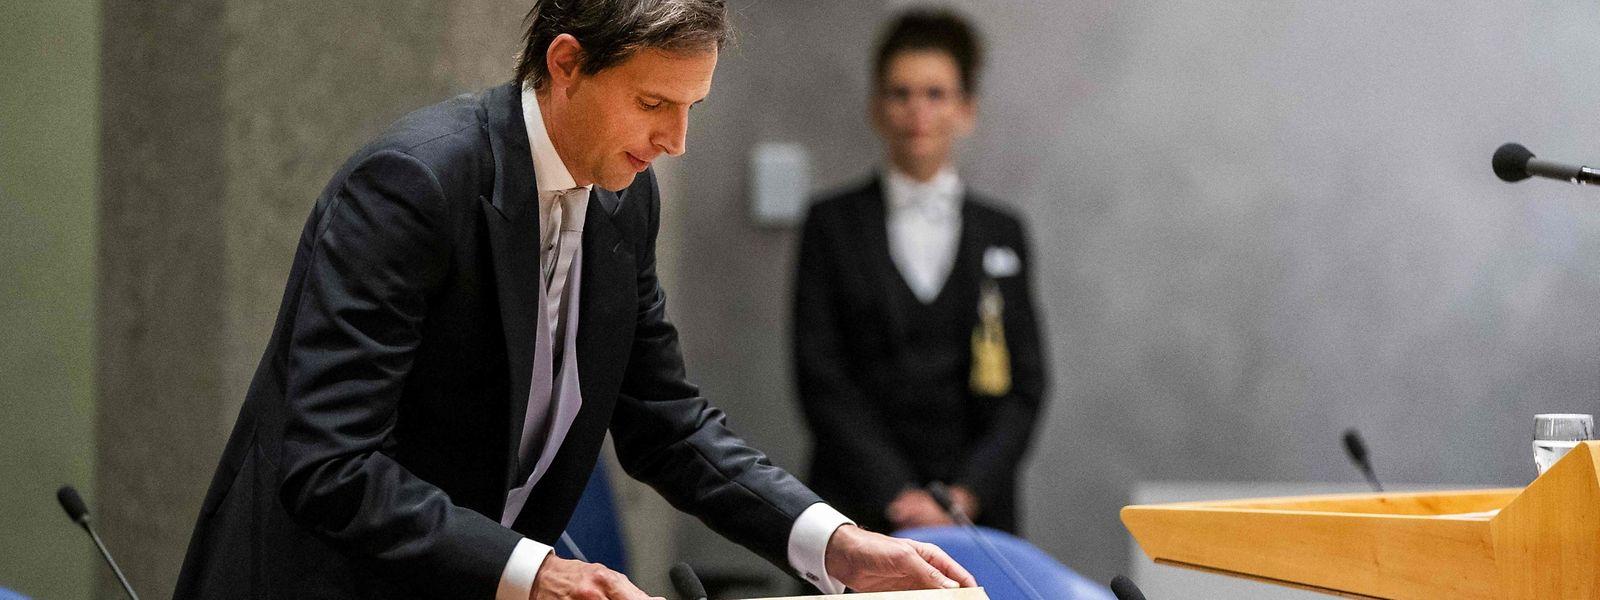 Der scheidende niederländische Finanzminister Wopke Hoekstra (CDA) öffnet die Mappe mit dem Staatshaushalt und der Haushaltserklärung.